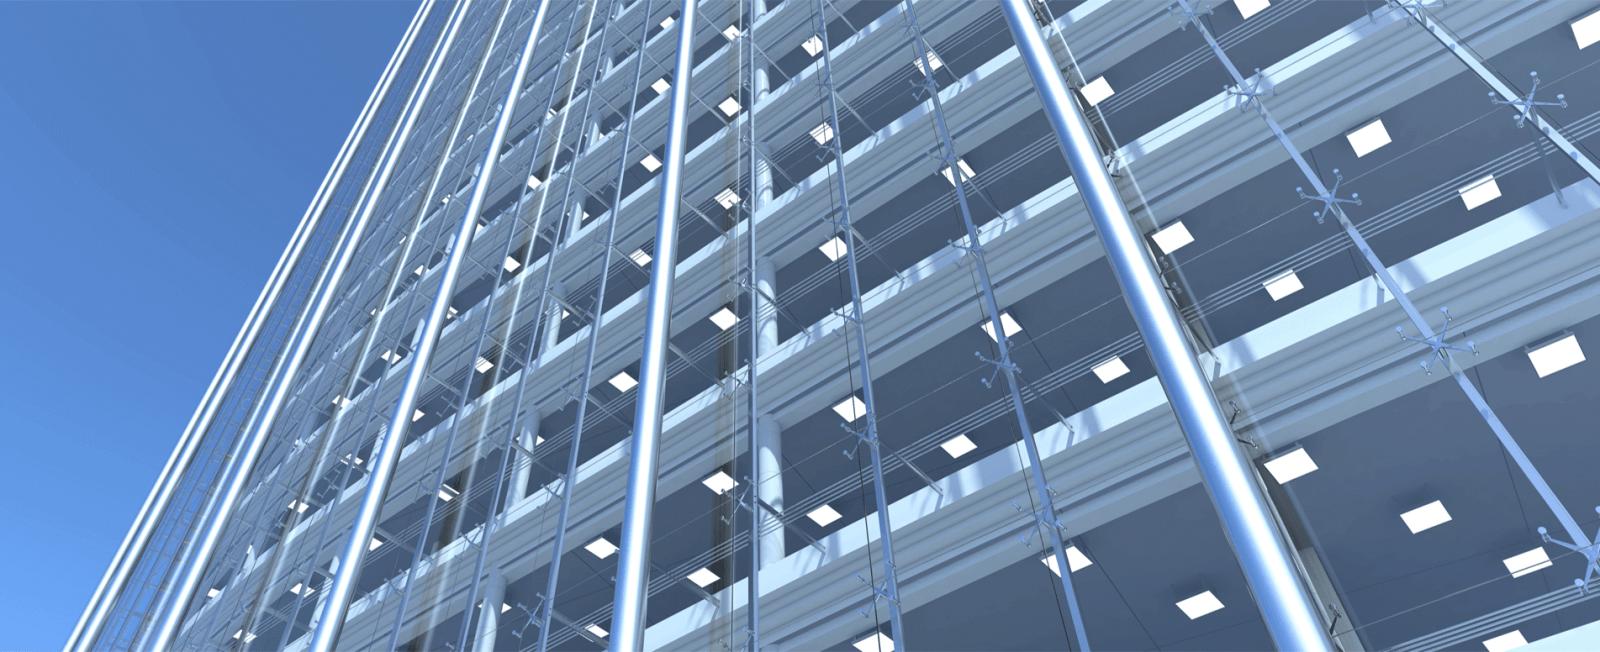 Структурное фасадное остекление